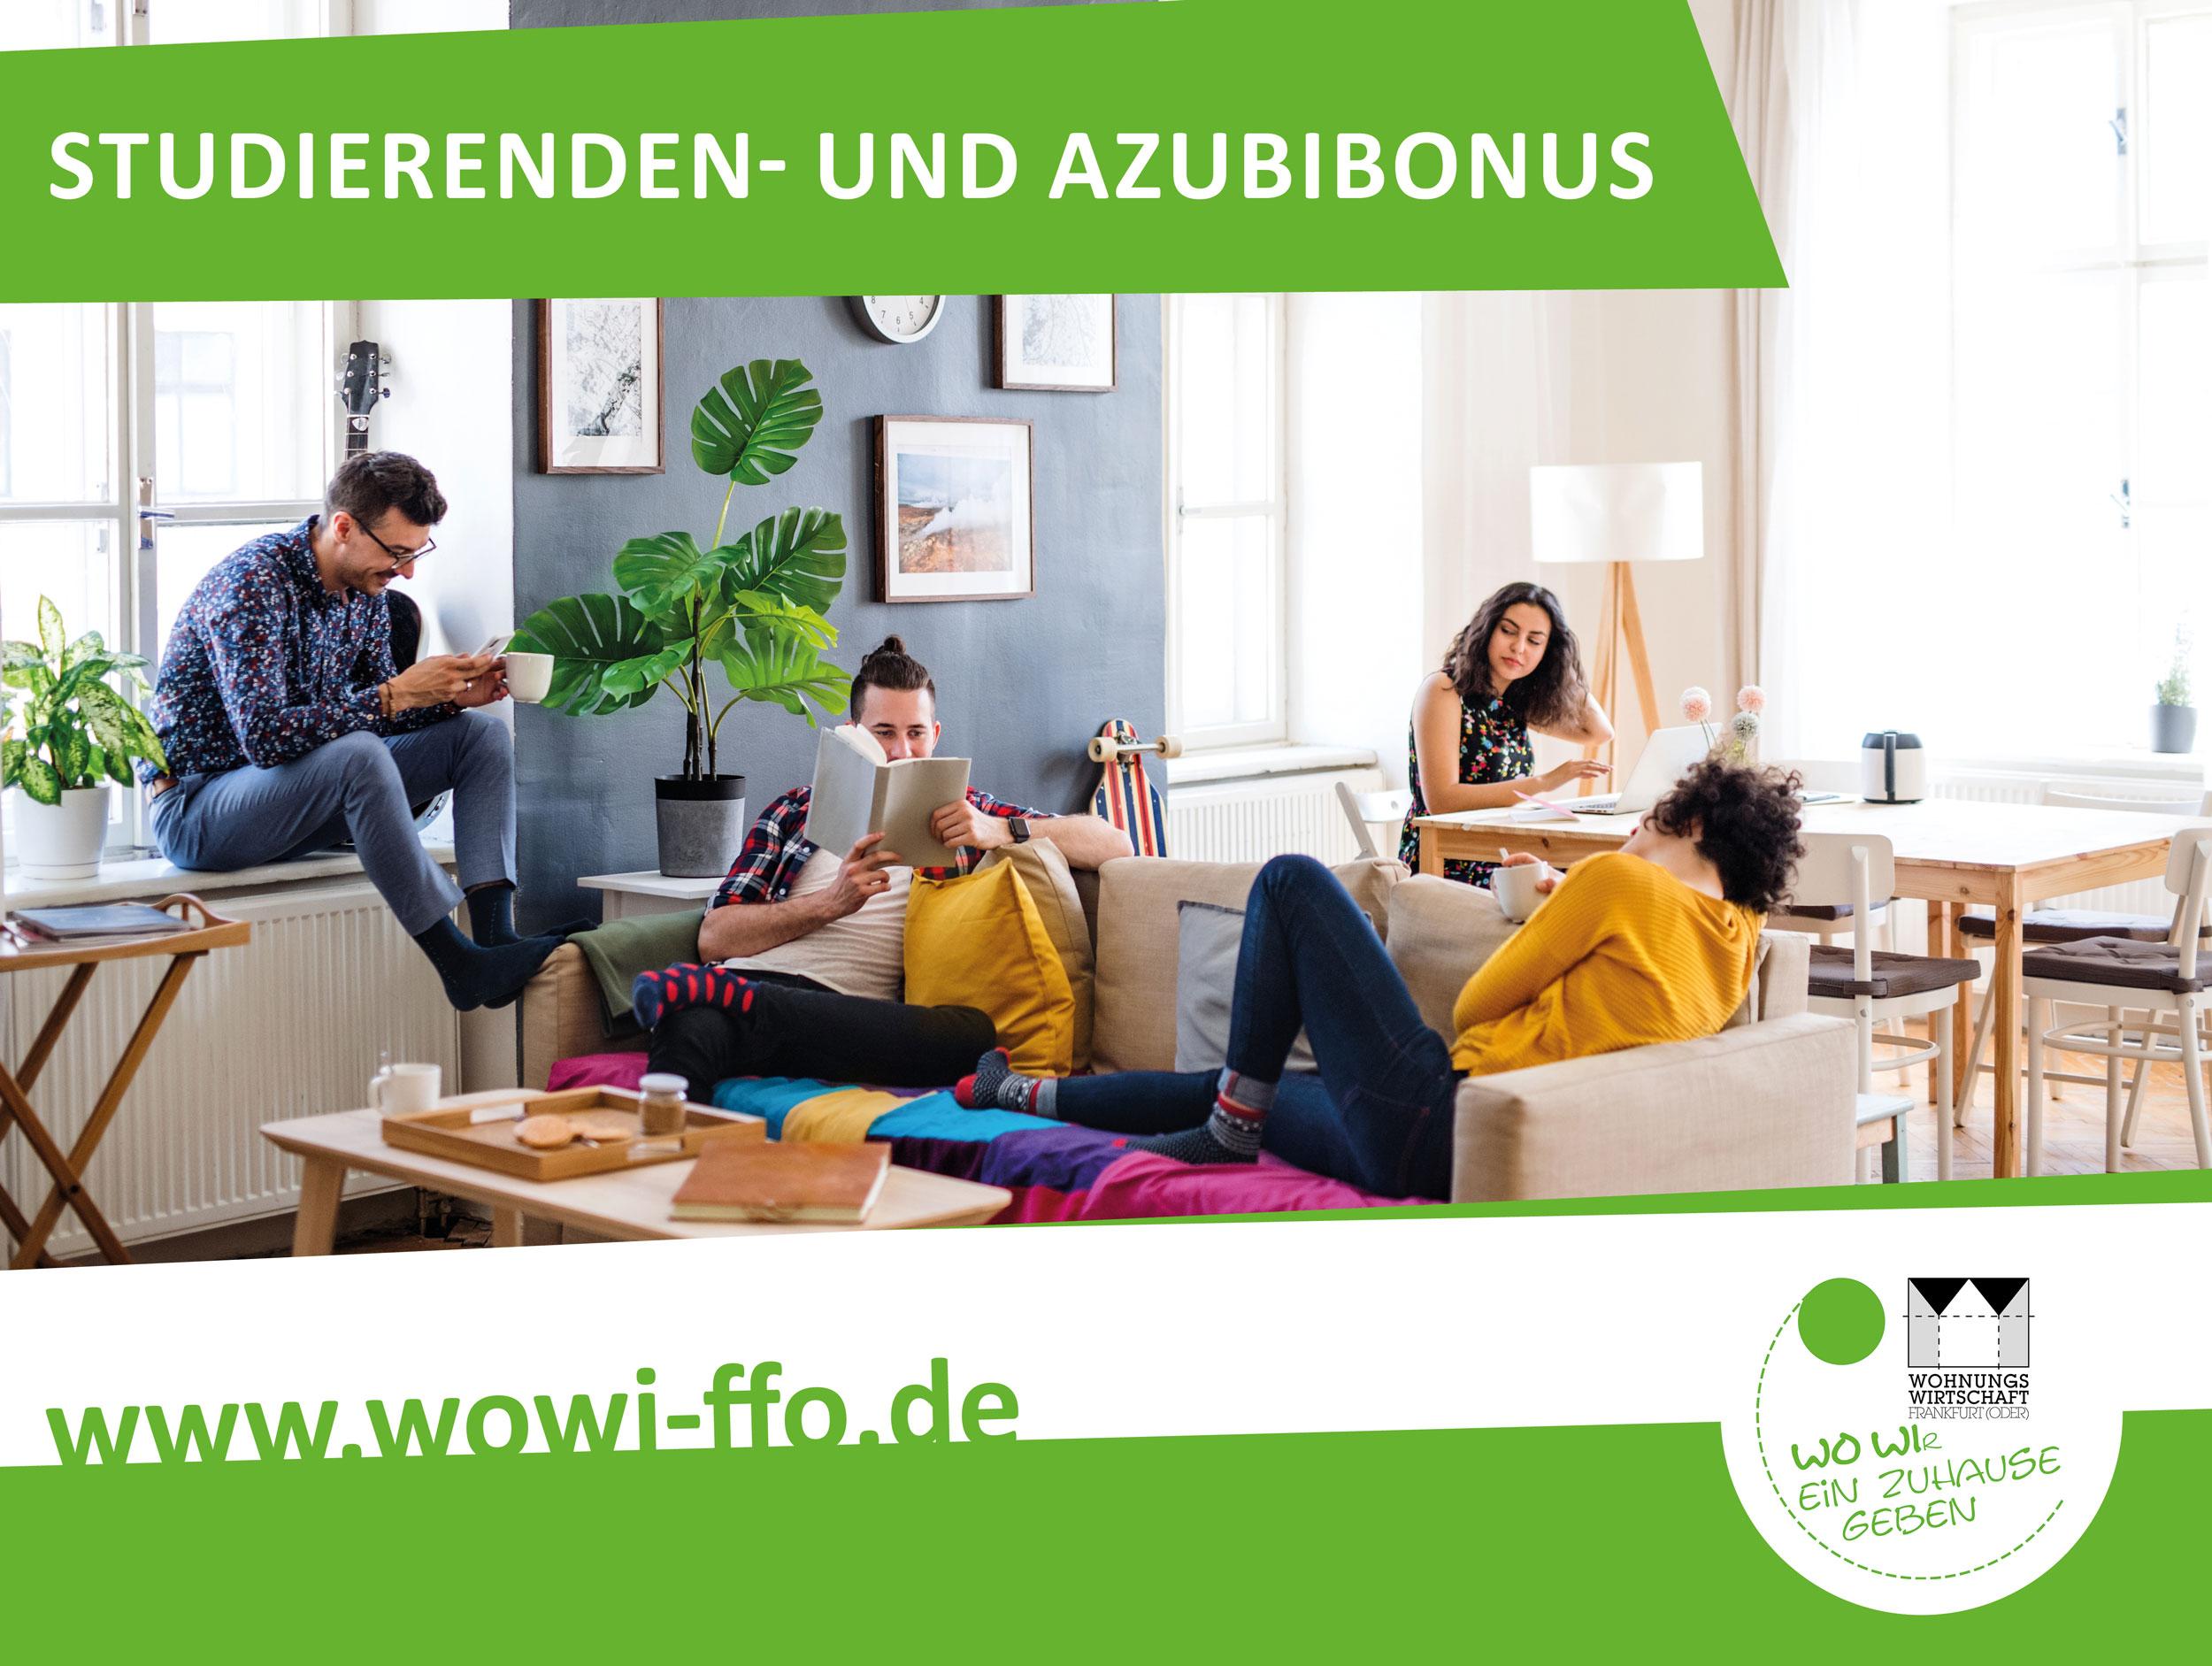 Wohnungswirtschaft Frankfurt